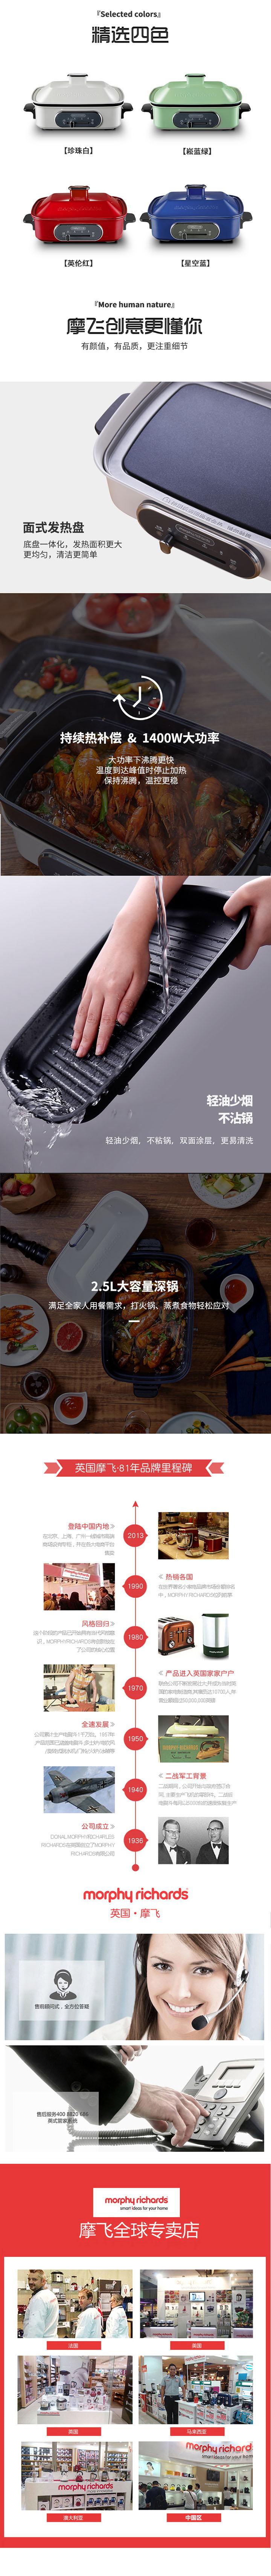 摩飞MR9088多功能电烤锅